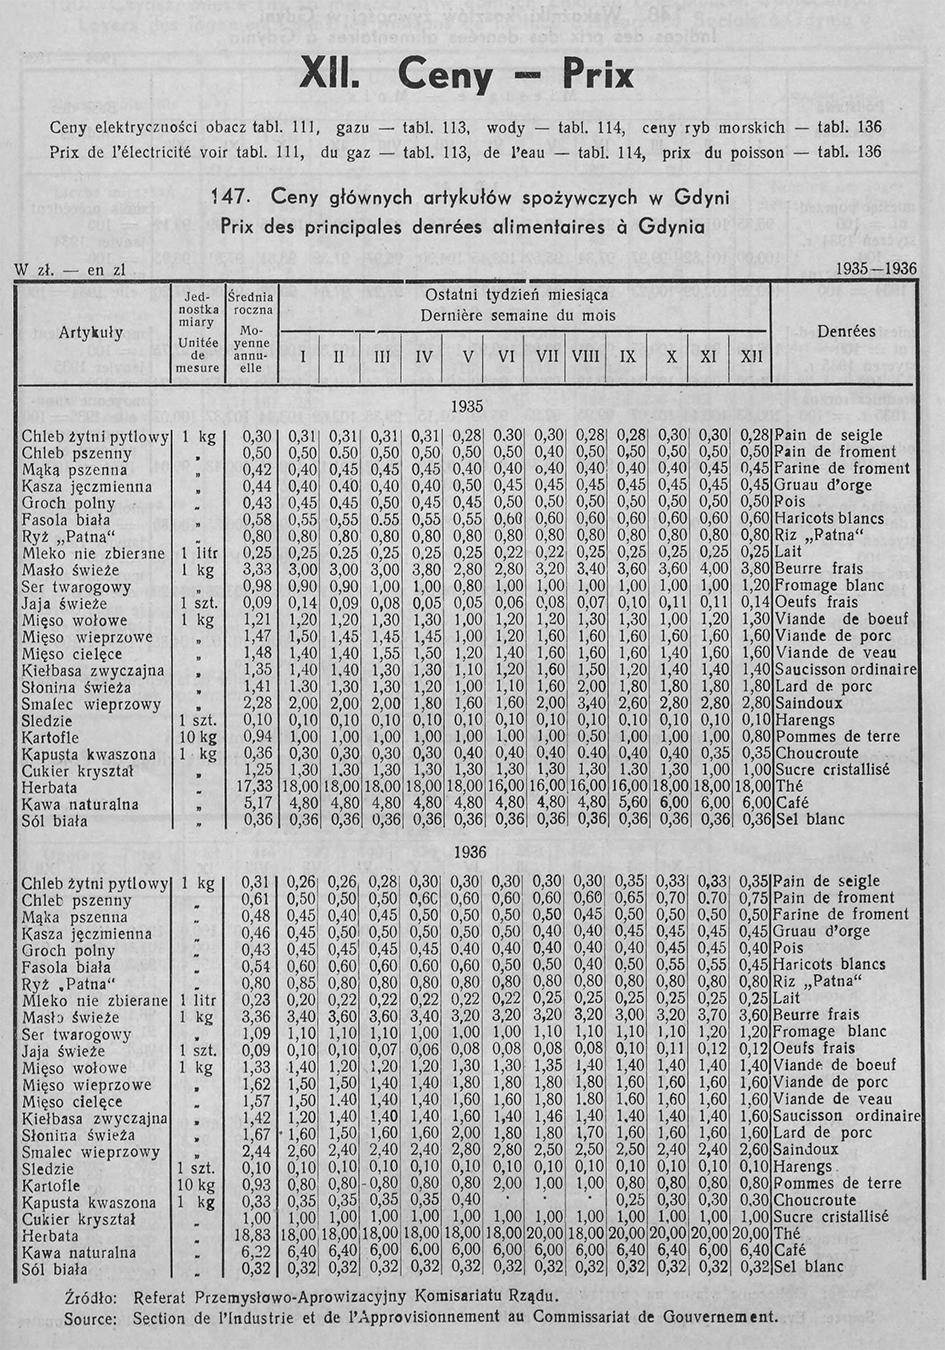 CENY, [W:] ROCZNIK STATYSTYCZNY GDYNI, REDAKCJA BOLESŁAW POLKOWSKI KIEROWNIK BIURA STATYSTYCZNEGO, GDYNIA 1937